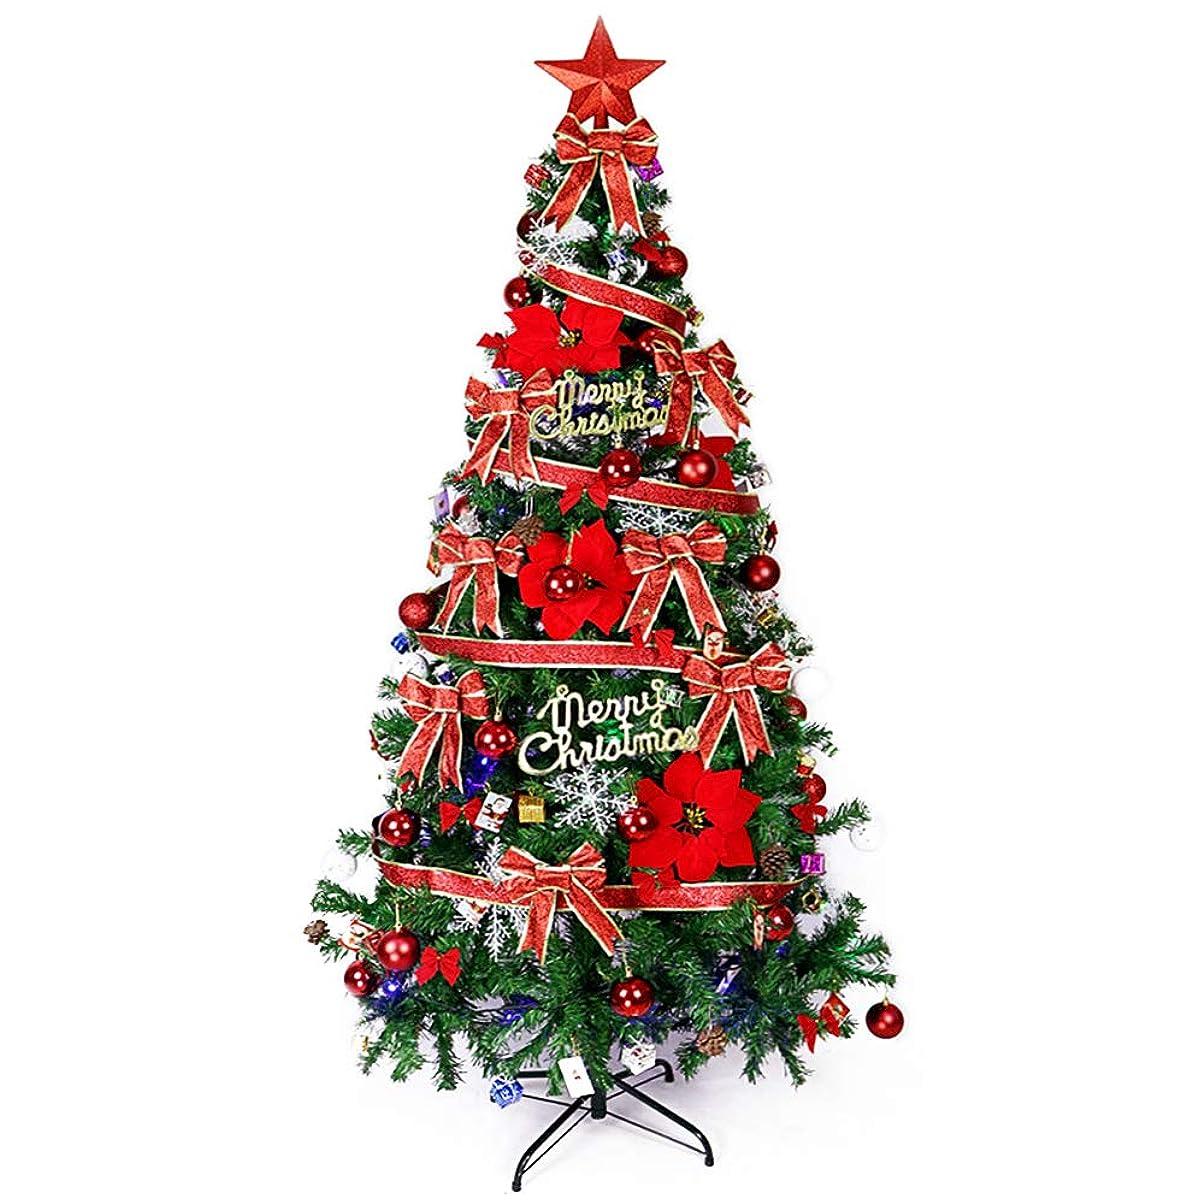 フォージウナギ実用的クリスマスツリー スリム ヌードツリー 松ぼっくり付き 150cm 180cm 北欧 おしゃれ christmas tree クラシックタイプ 高級 ドイツトウヒ ツリー (150cm)